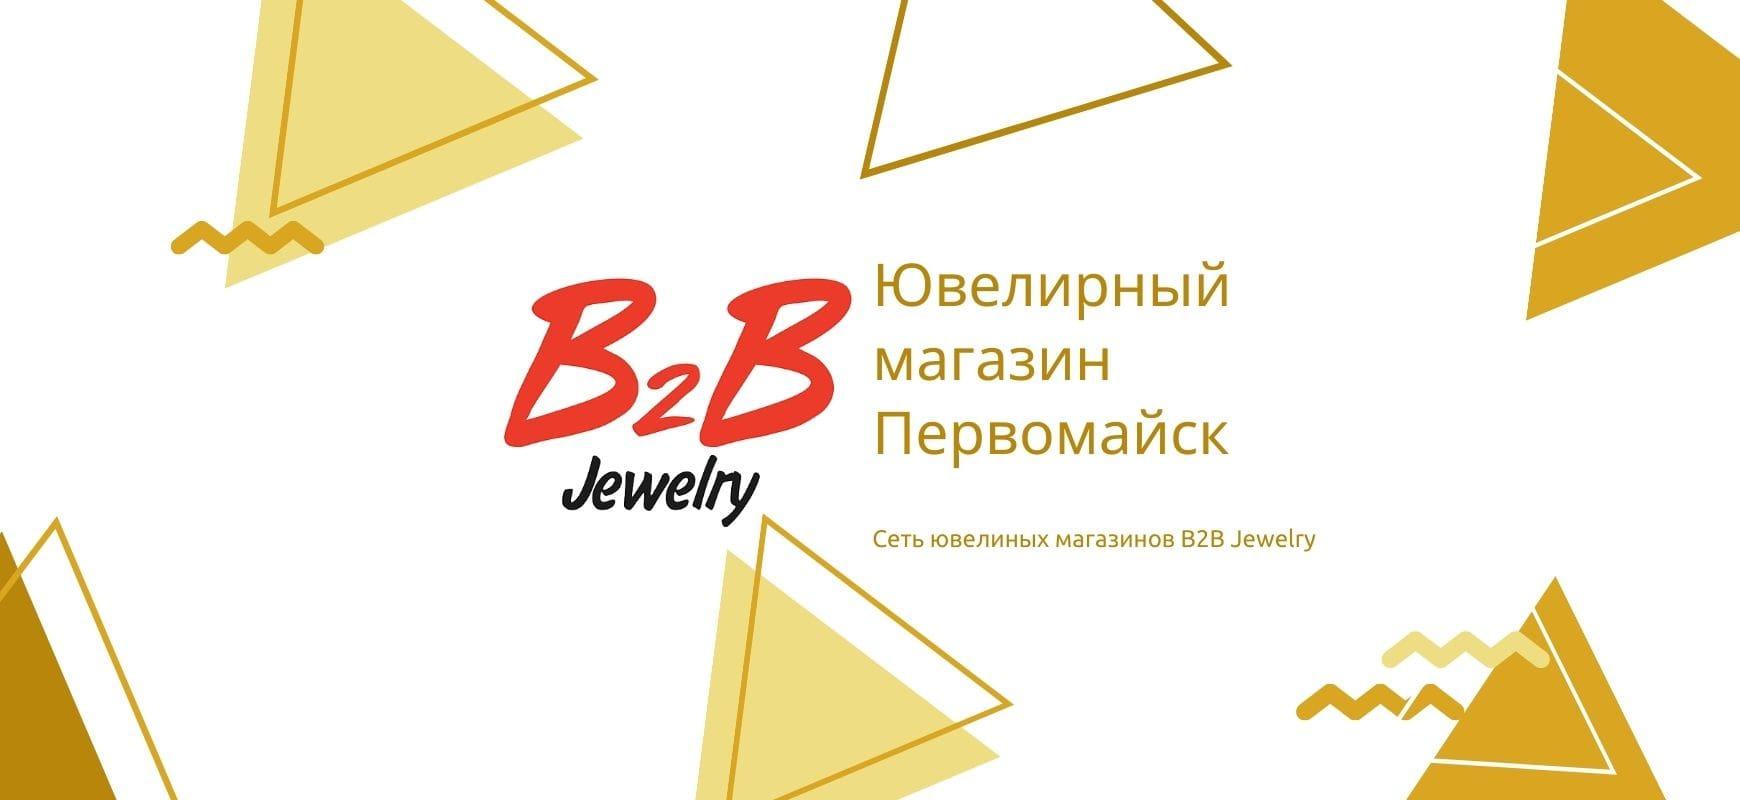 B2B JEWELRY ПЕРВОМАЙСК